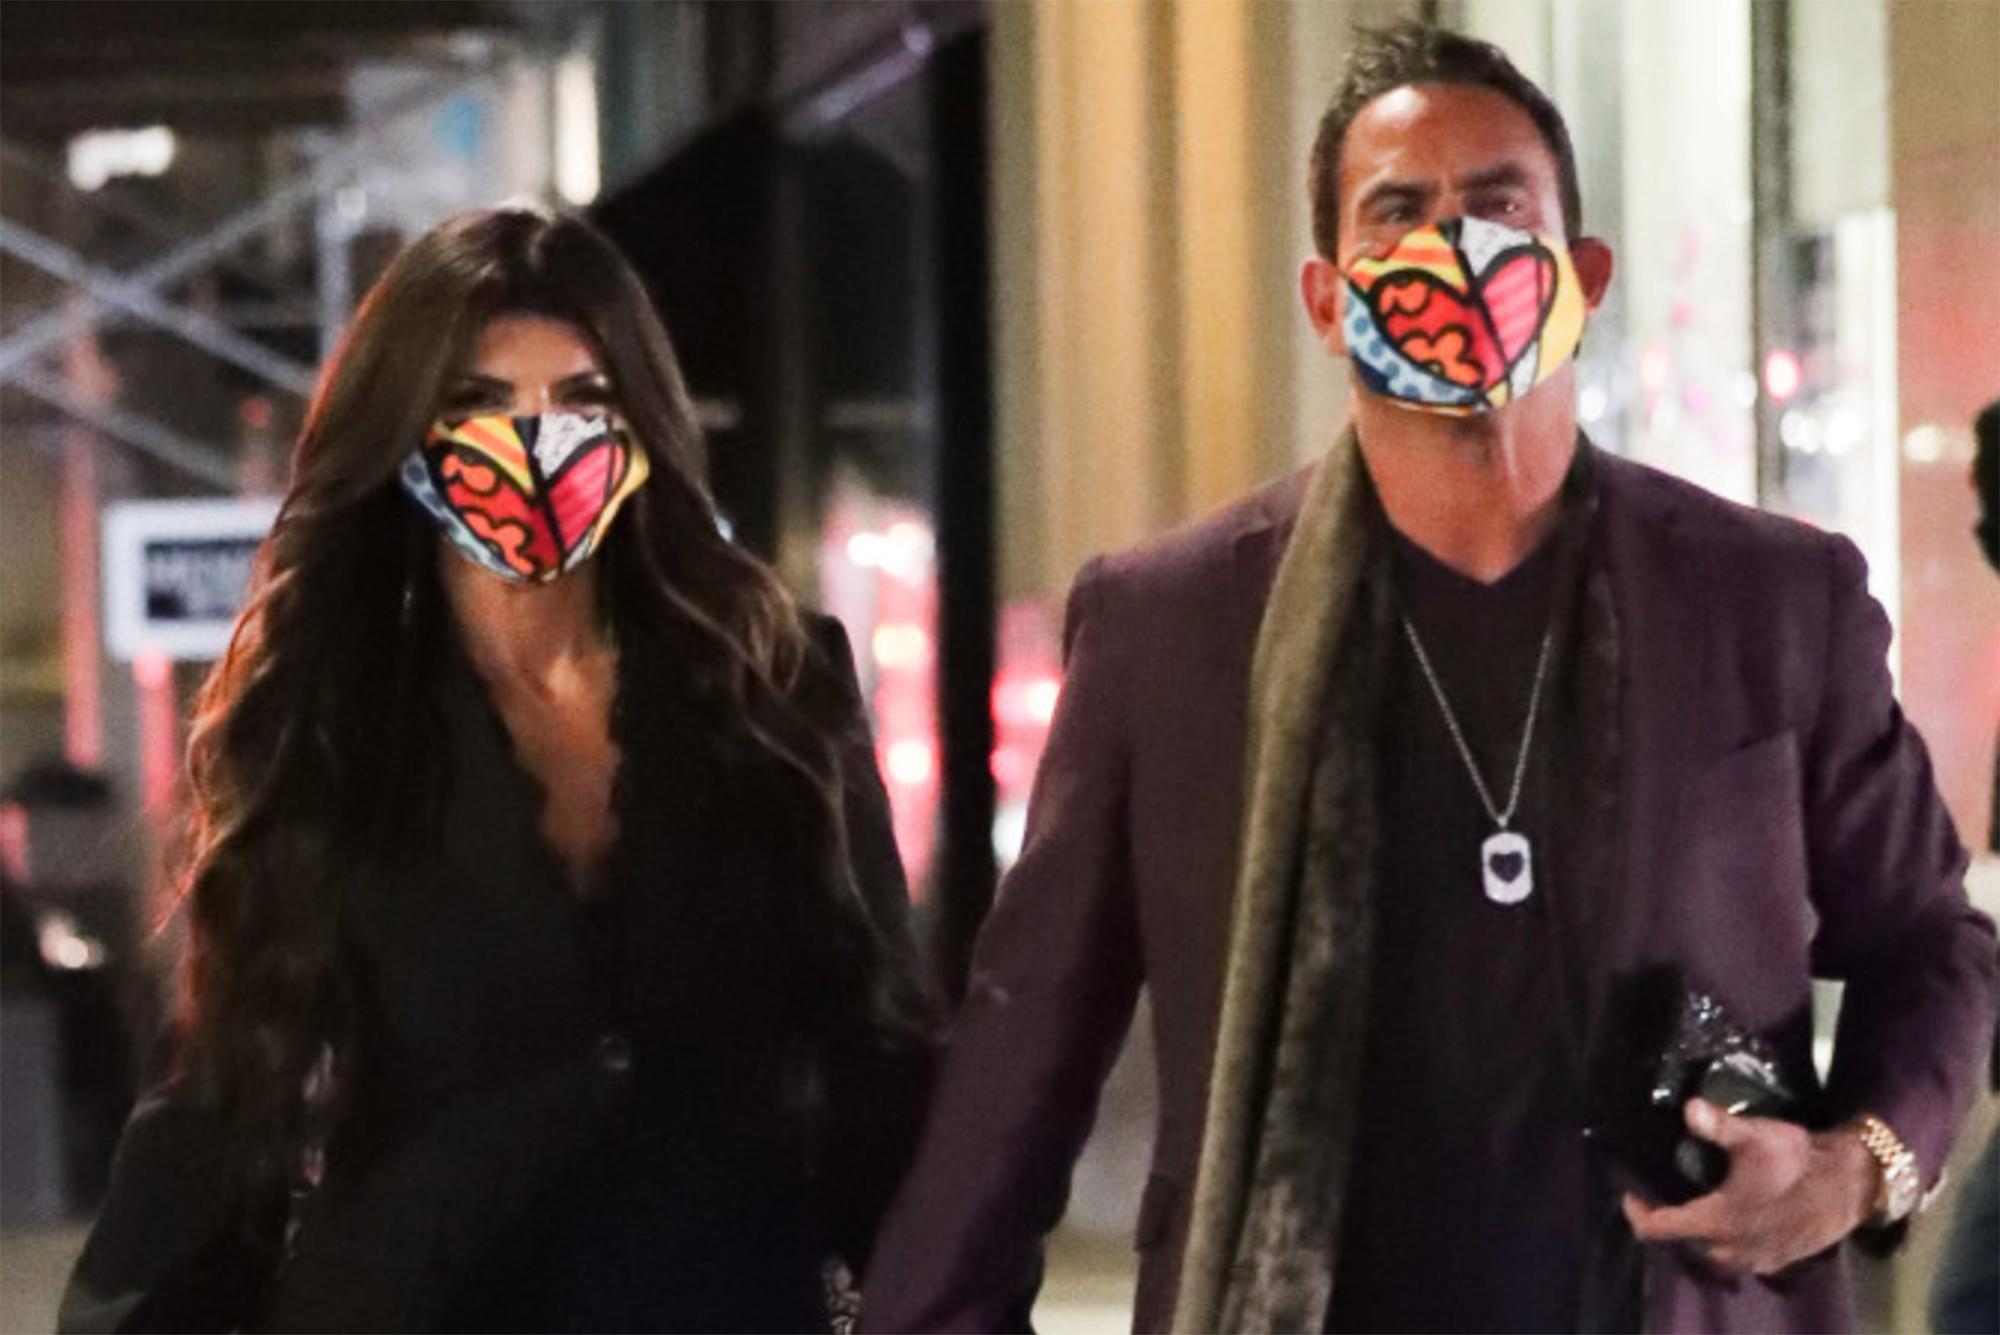 Teresa Giudice and boyfriend Luis Ruelas wear matching face masks